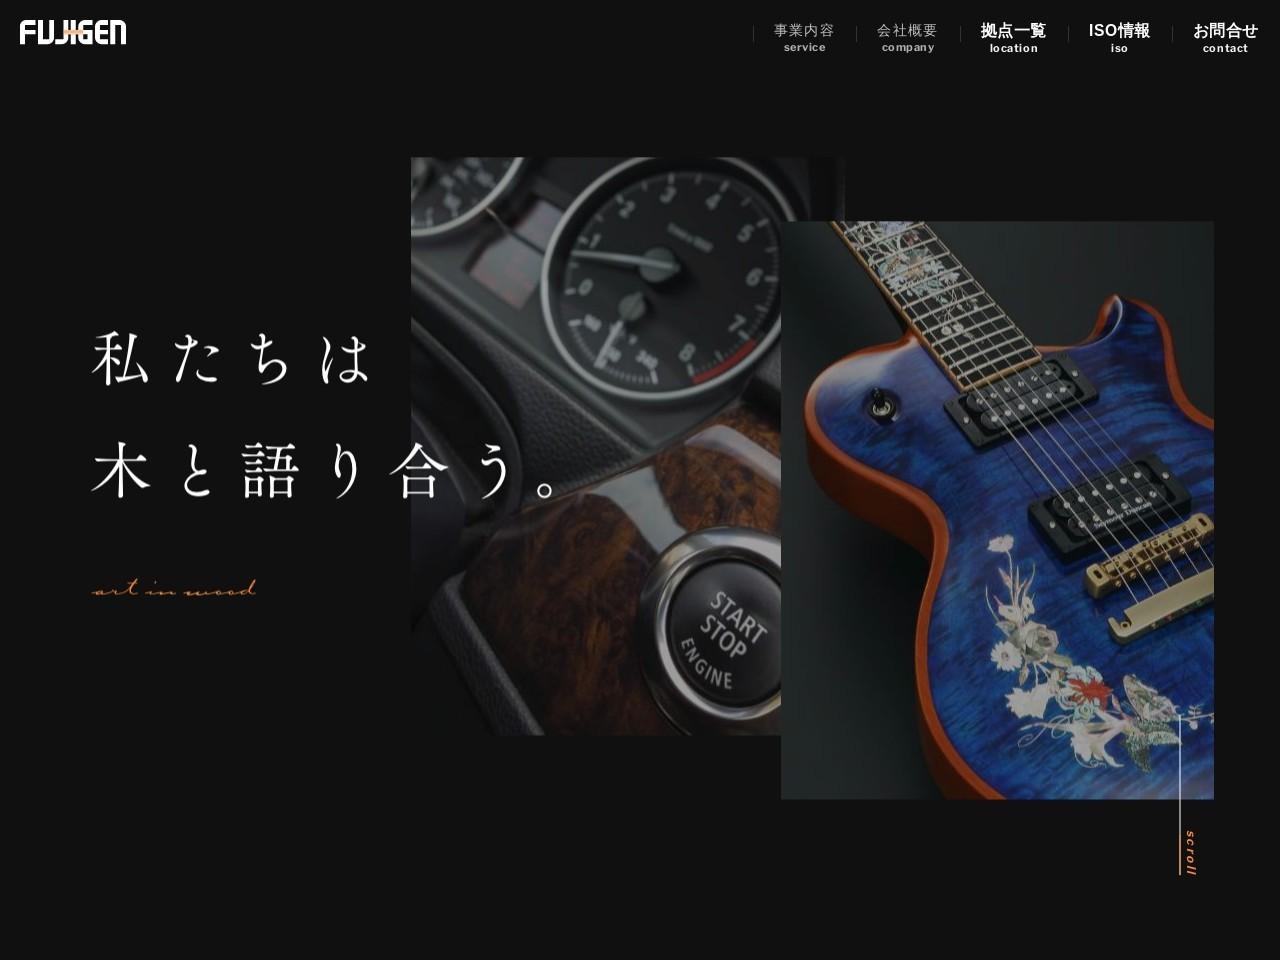 フジゲン株式会社オフィシャルサイト